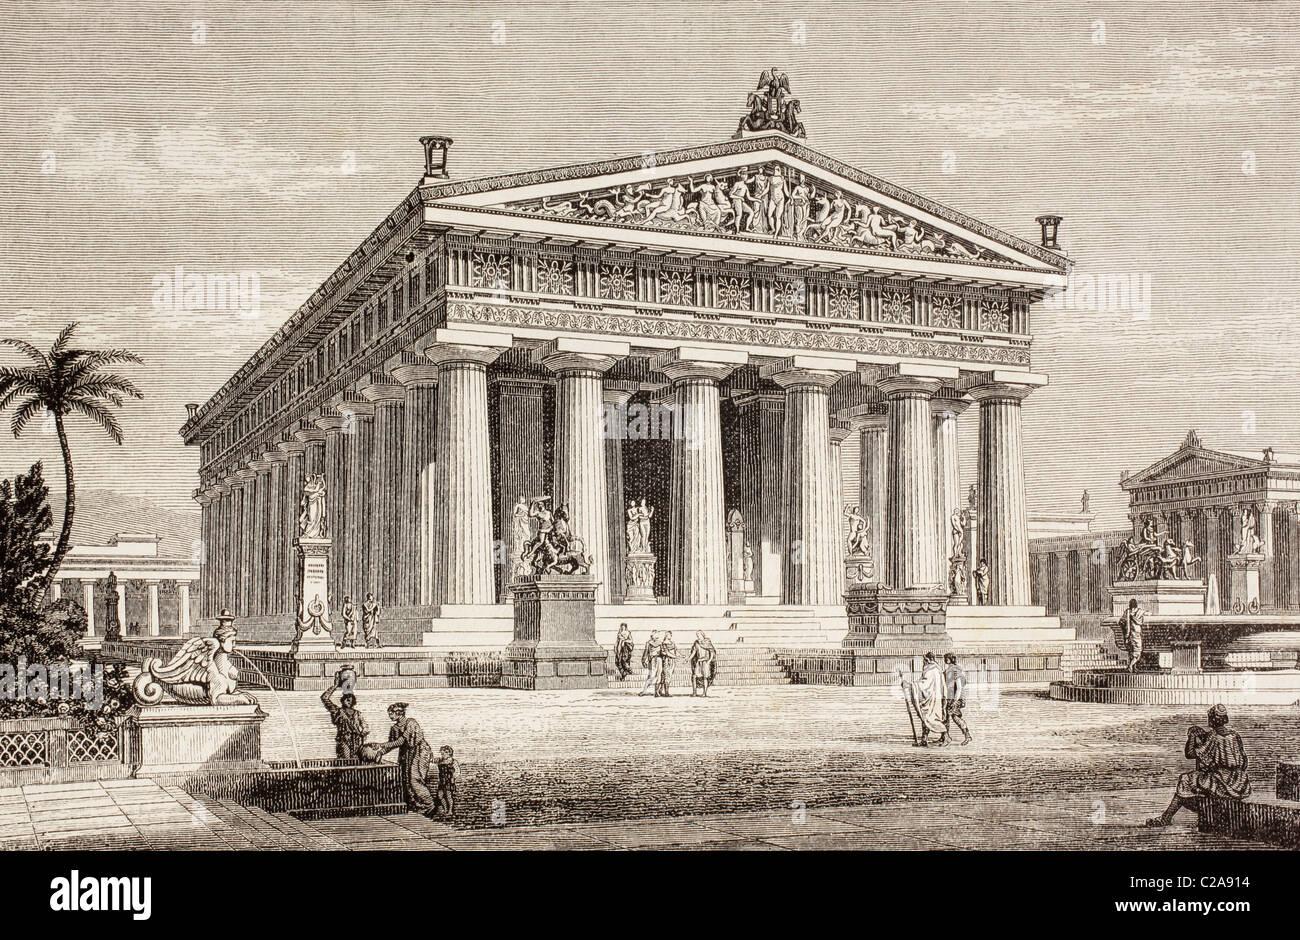 Impresión artística de el Templo de Poseidón, o Neptuno, Paestum, Italia. Imagen De Stock